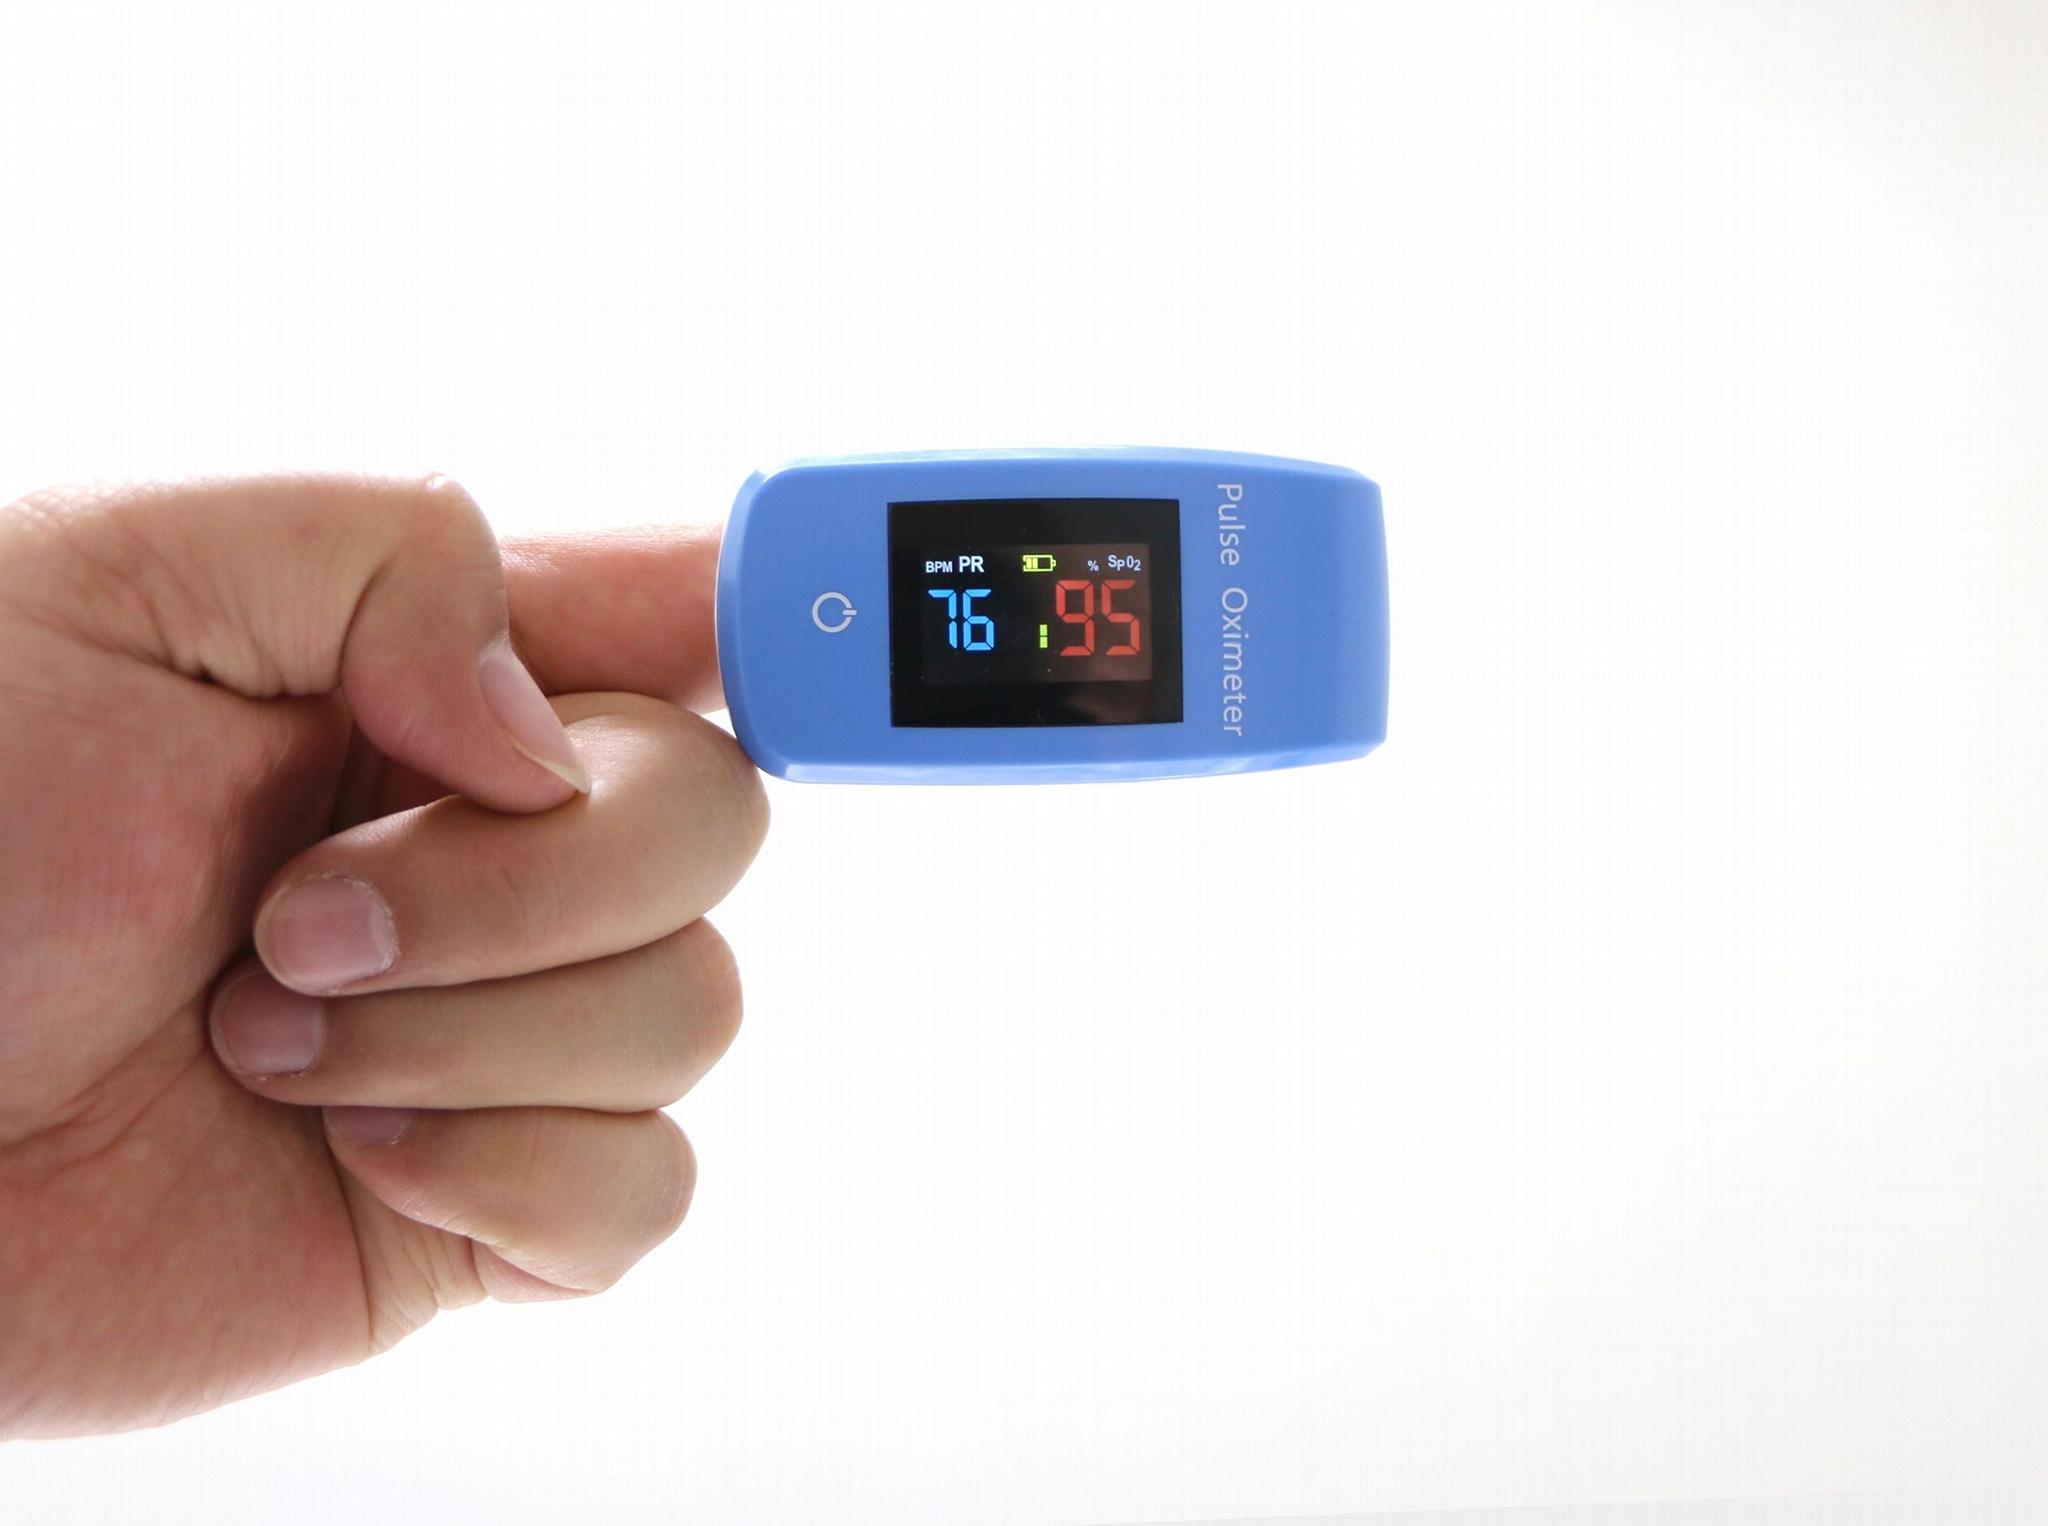 醫用便宜的CE/FDA認証的指夾血氧儀 5